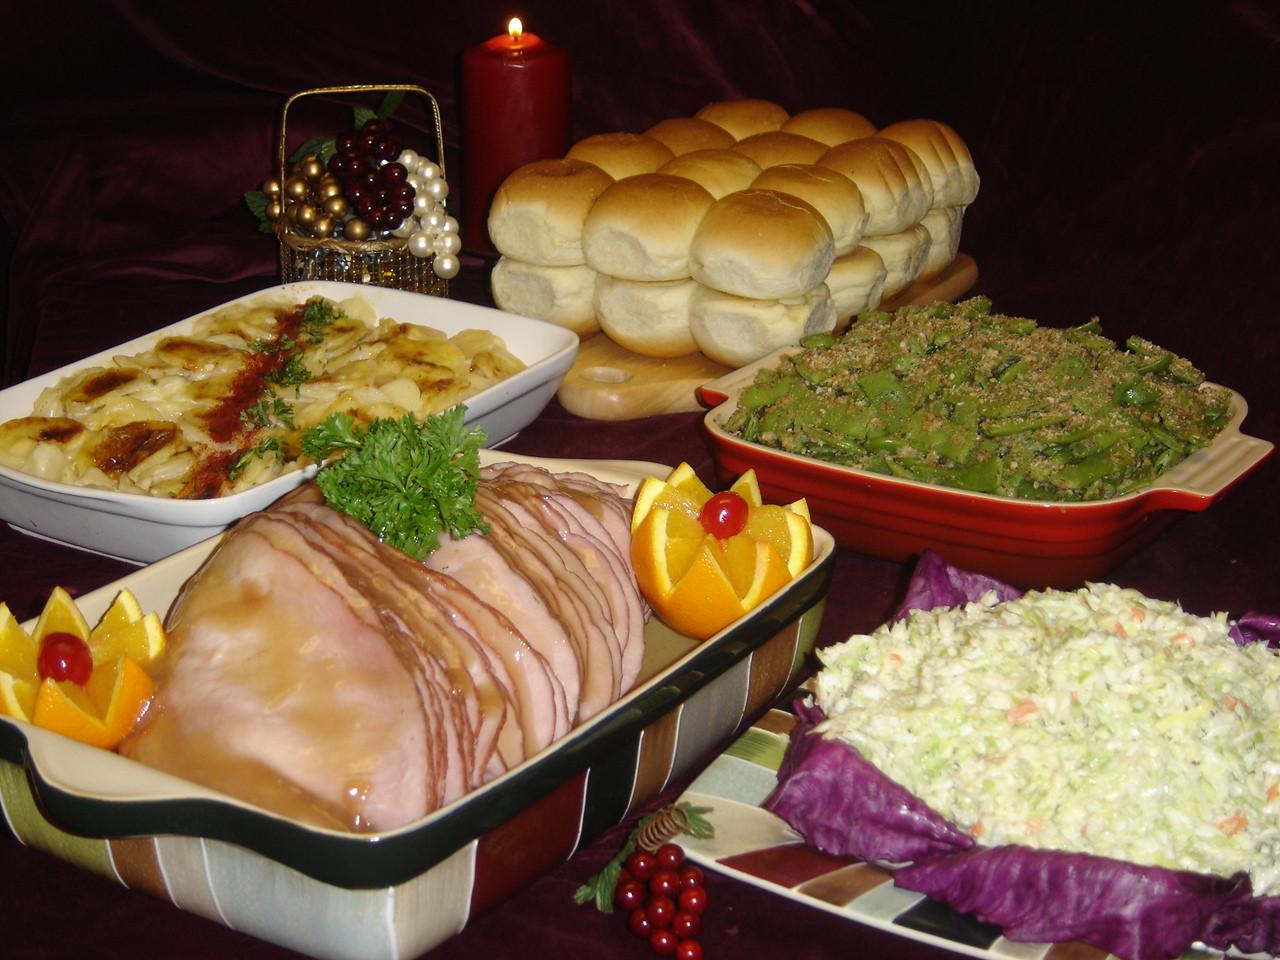 Easter Ham Dinner  Hop into Schiff's for Easter Dinner made easy